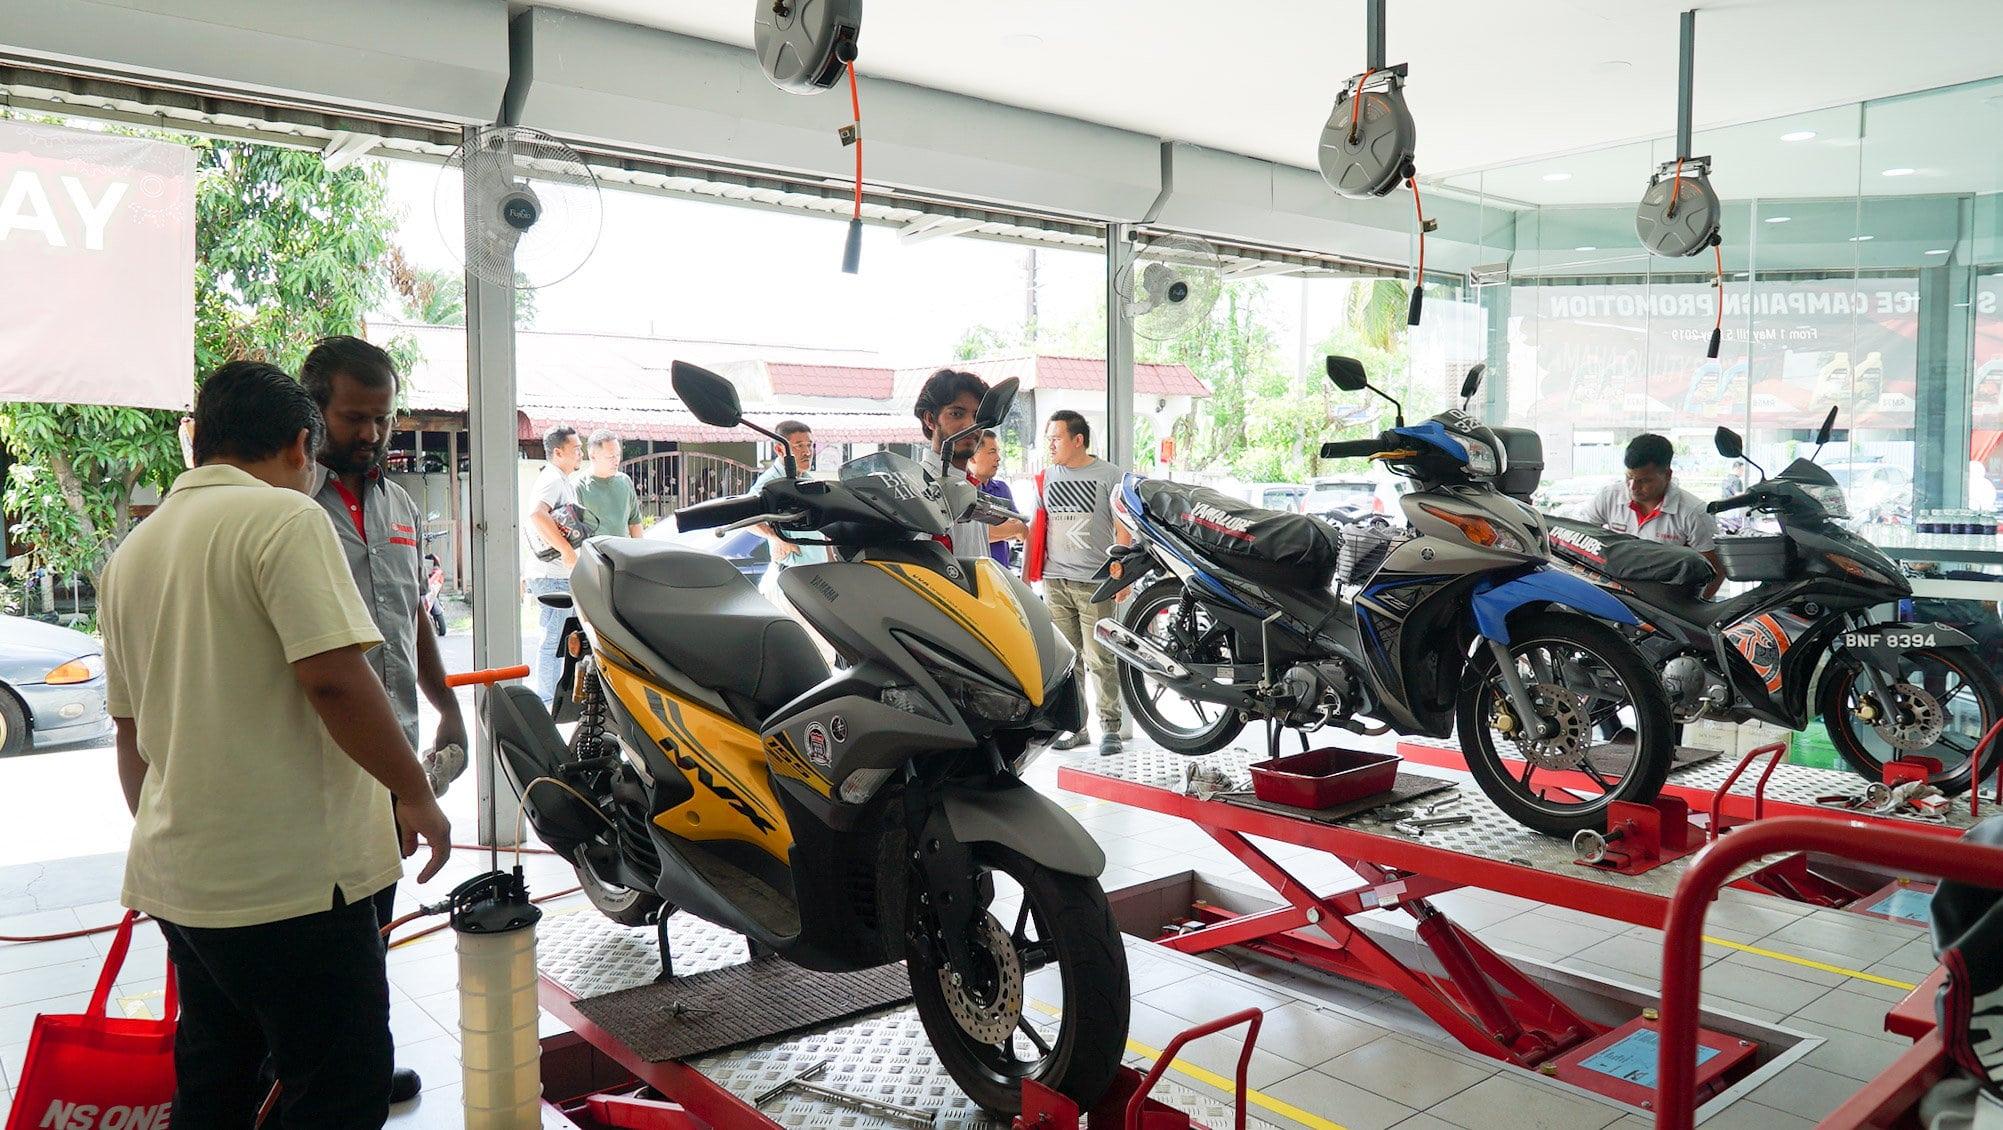 yamaha service center klang yqs 1